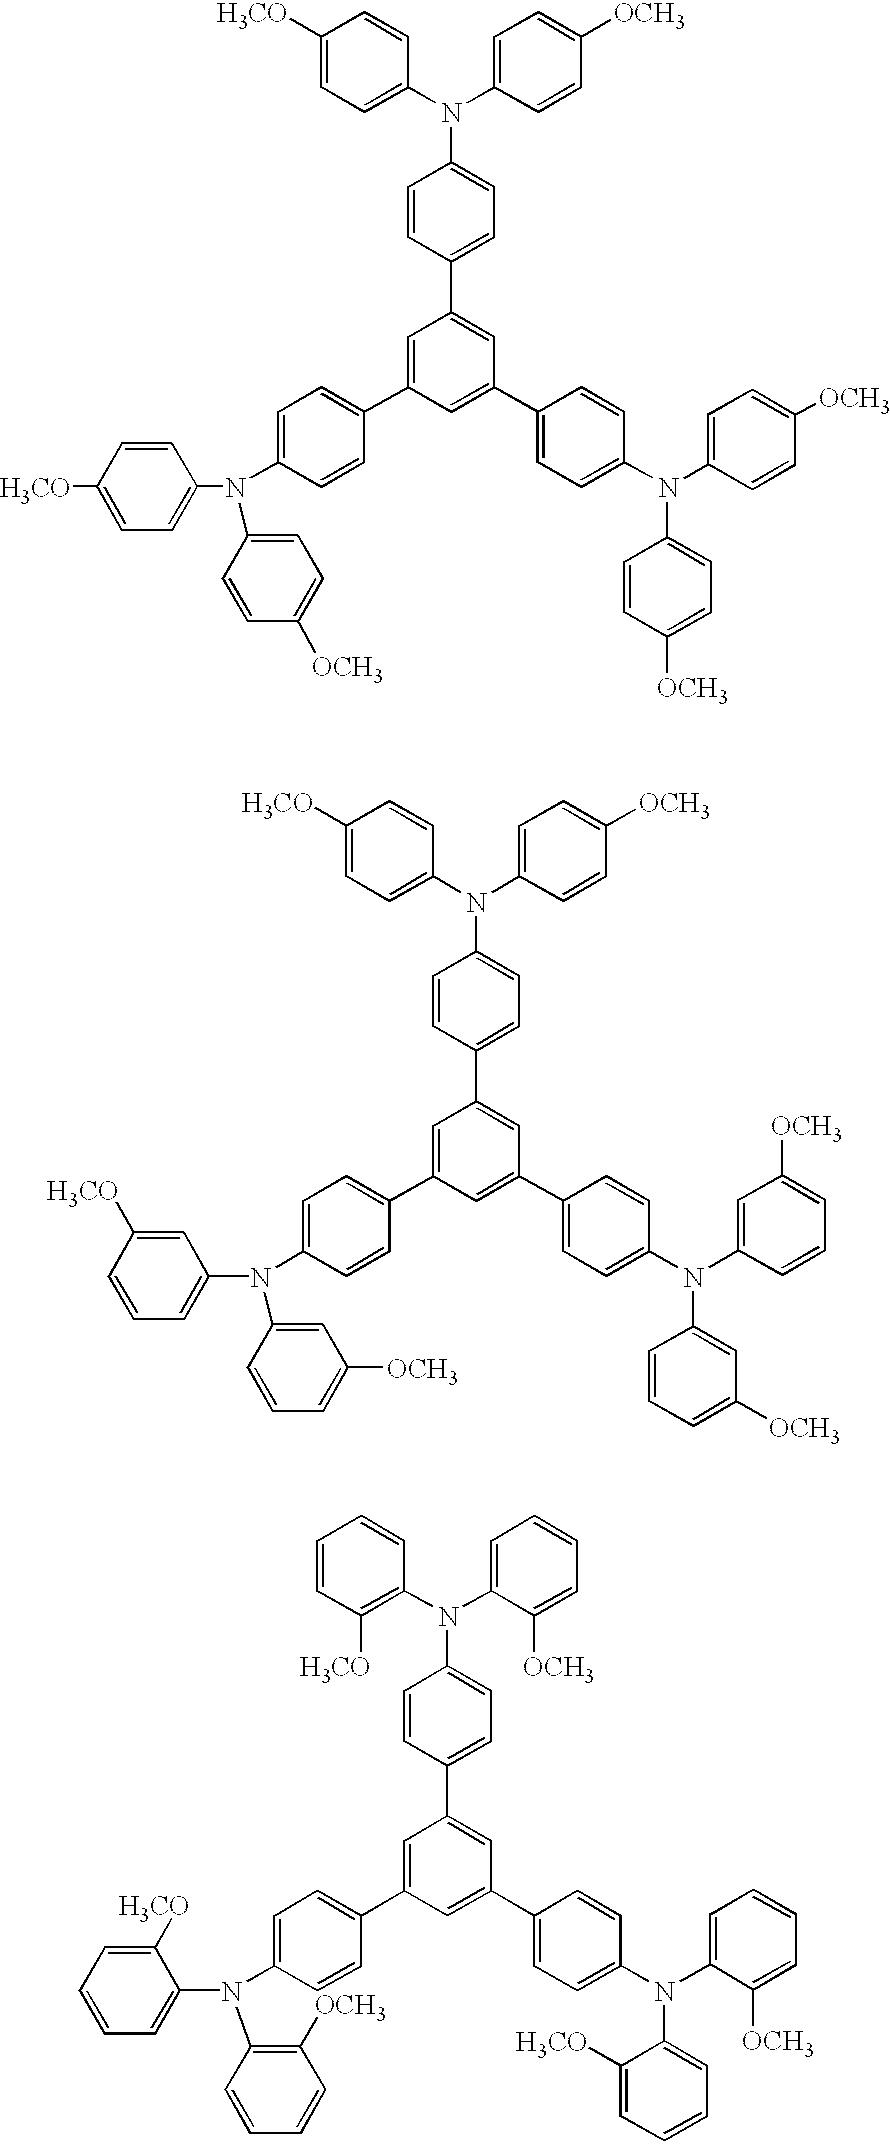 Figure US06541128-20030401-C00007